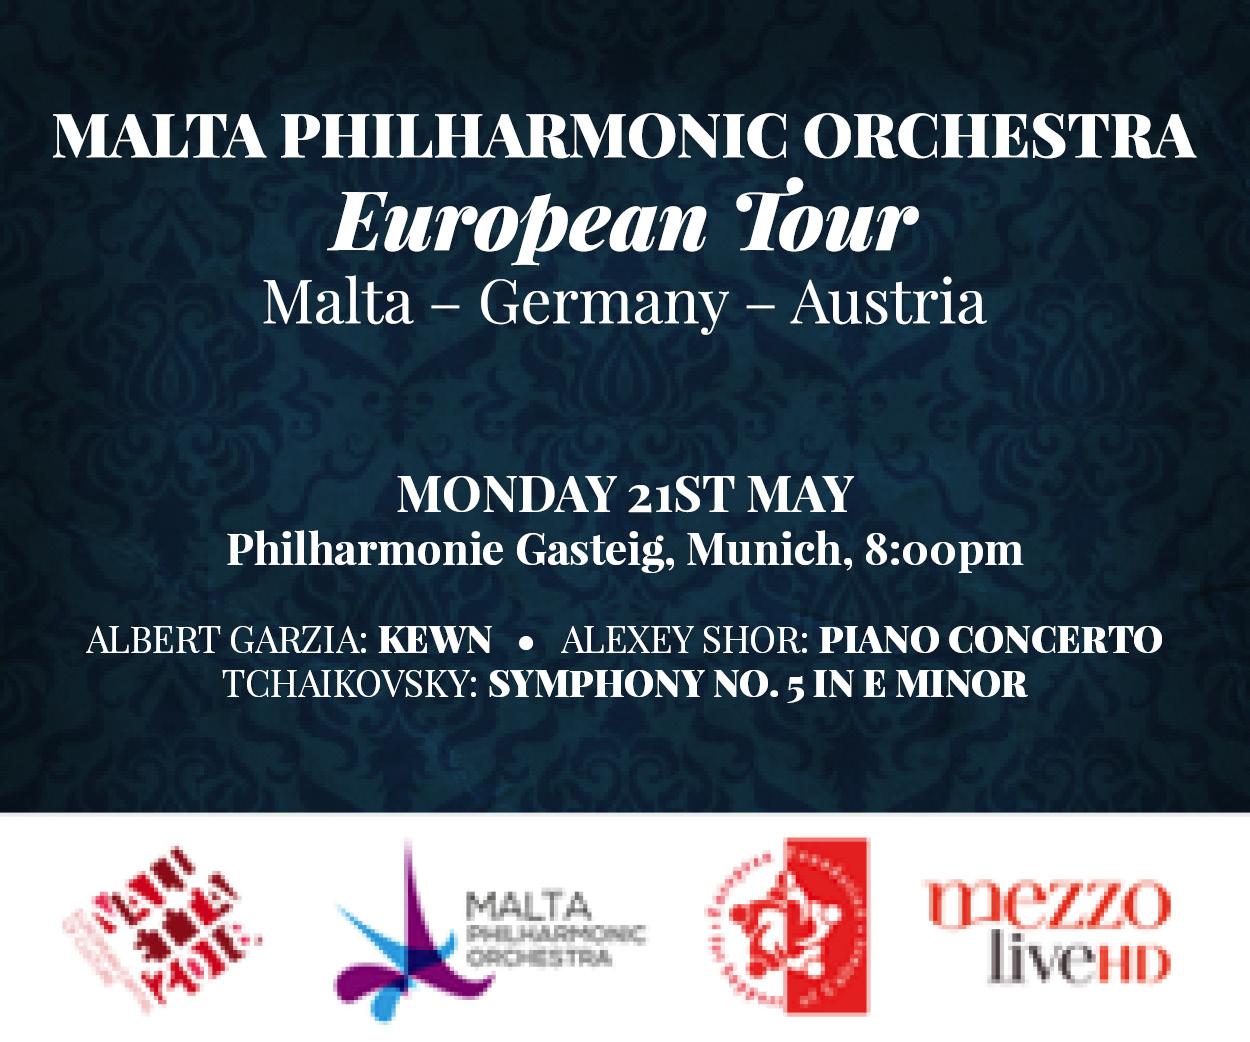 MPO Eurotour (Munich)